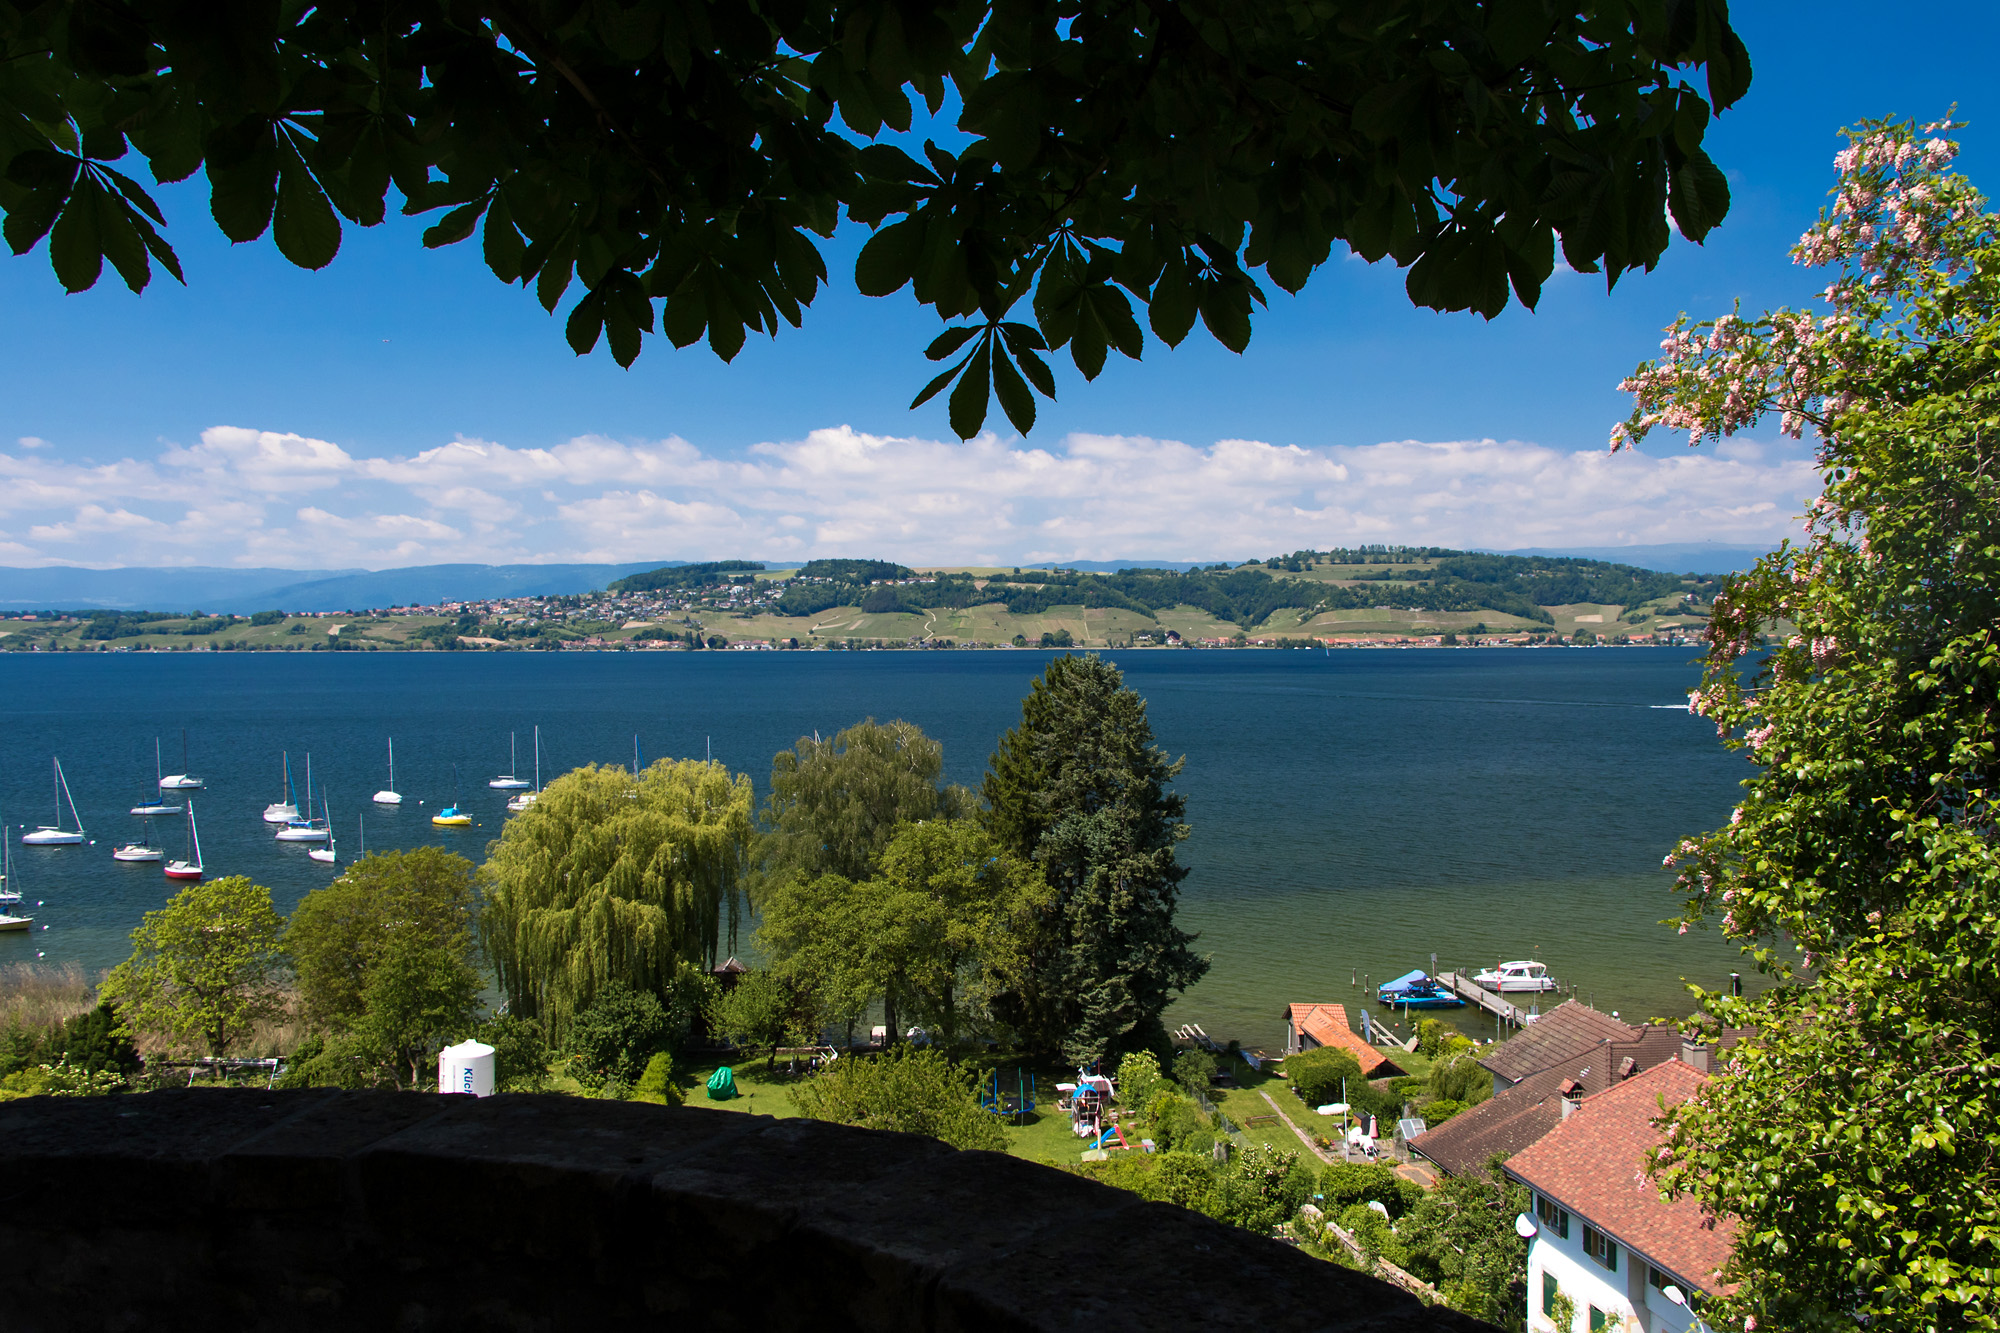 Aussicht vom Murtener Schlossgarten auf den Murtensee, FR